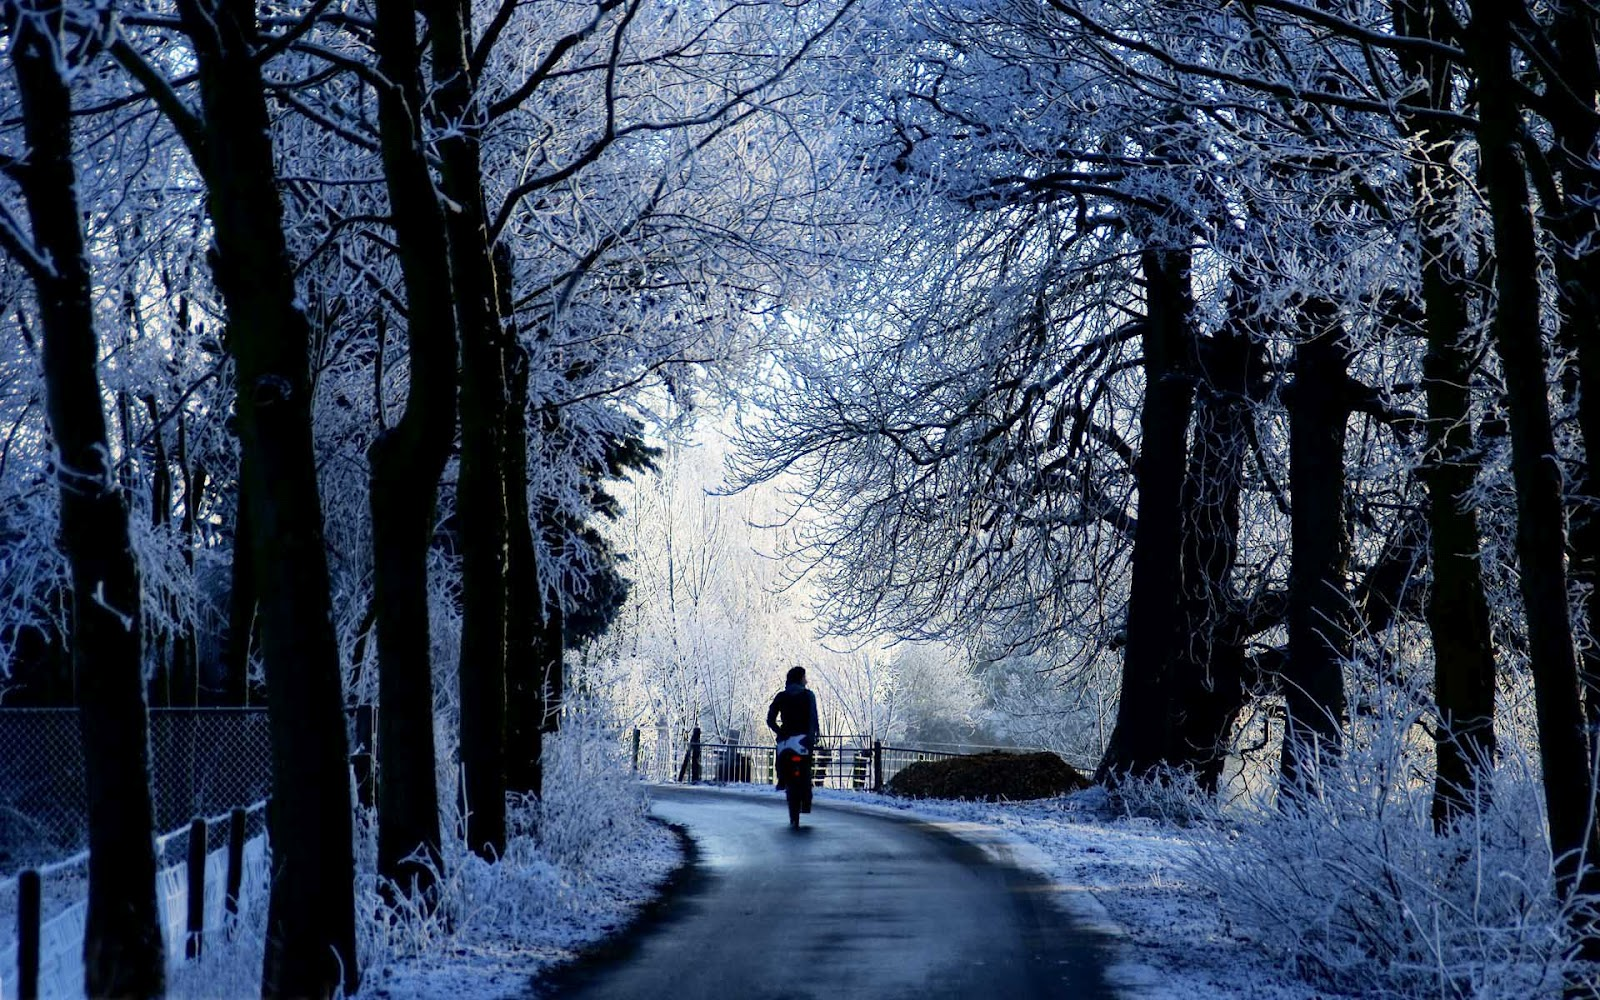 hd-winter-achtergrond-met-een-fietser-op-het-fietspad-in-de-winter-wallpaper-foto.jpg